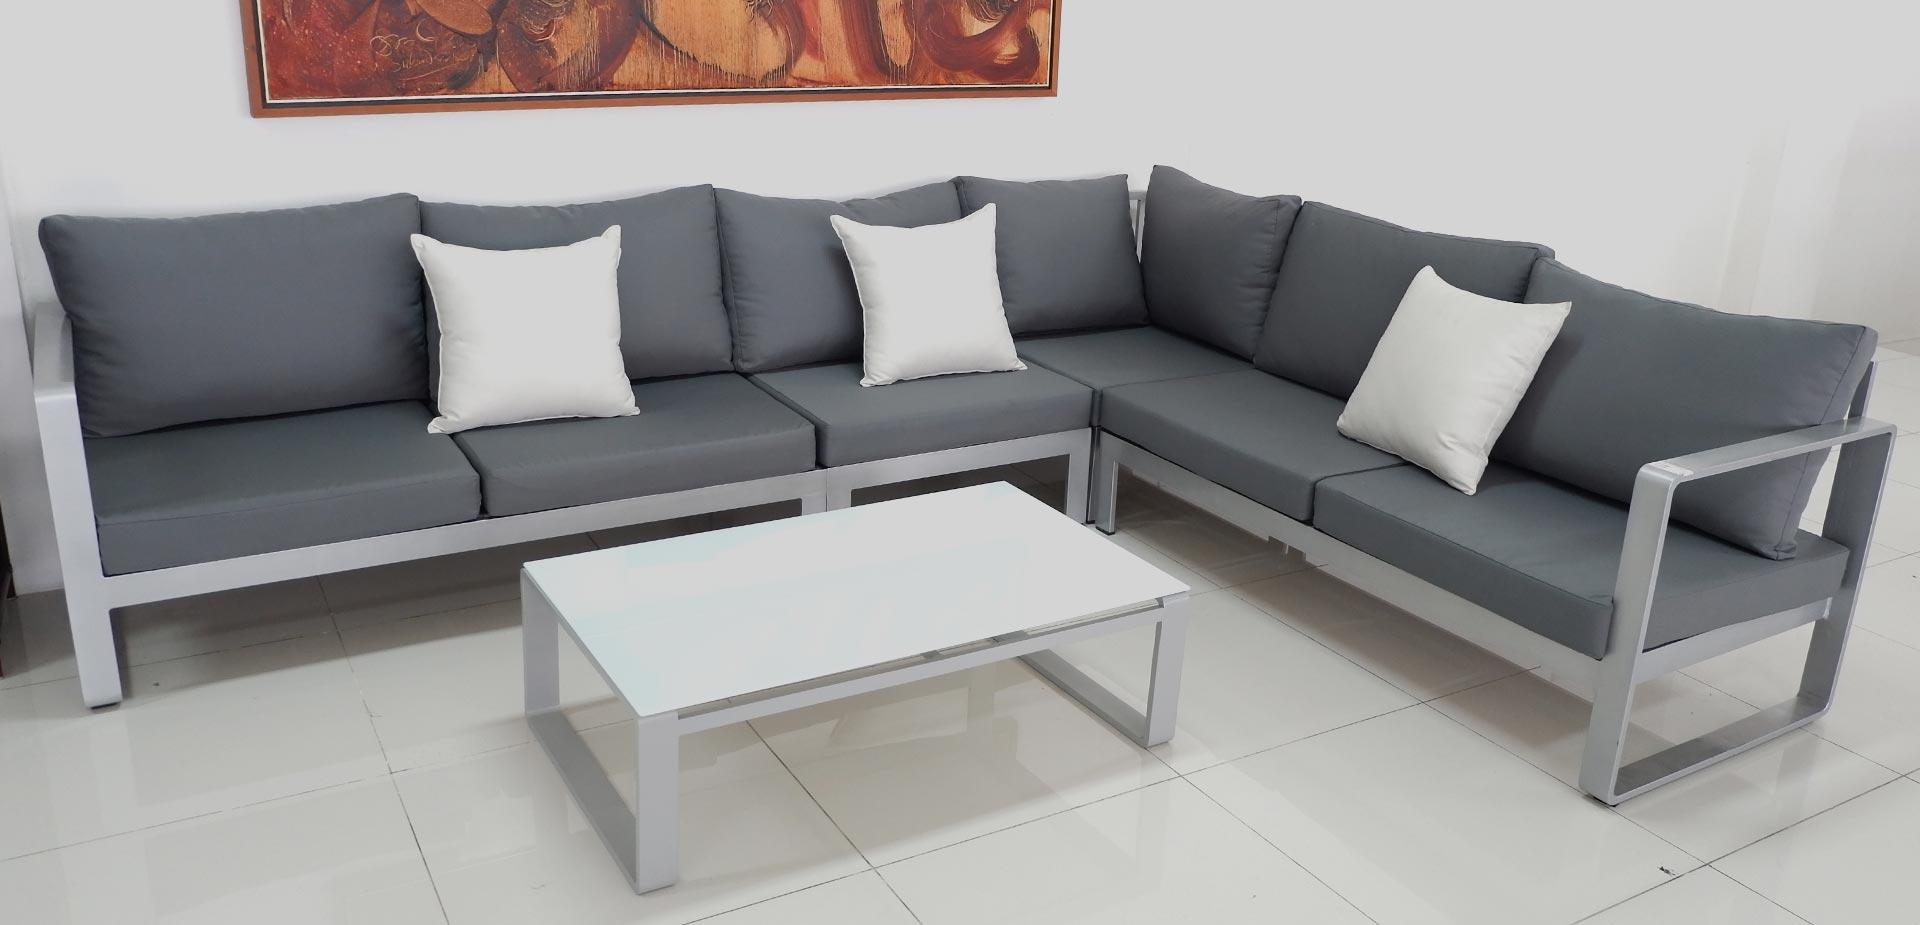 alcomex-indo-aluminium-laquer-furniture-extrusion-finished-goods-furniture